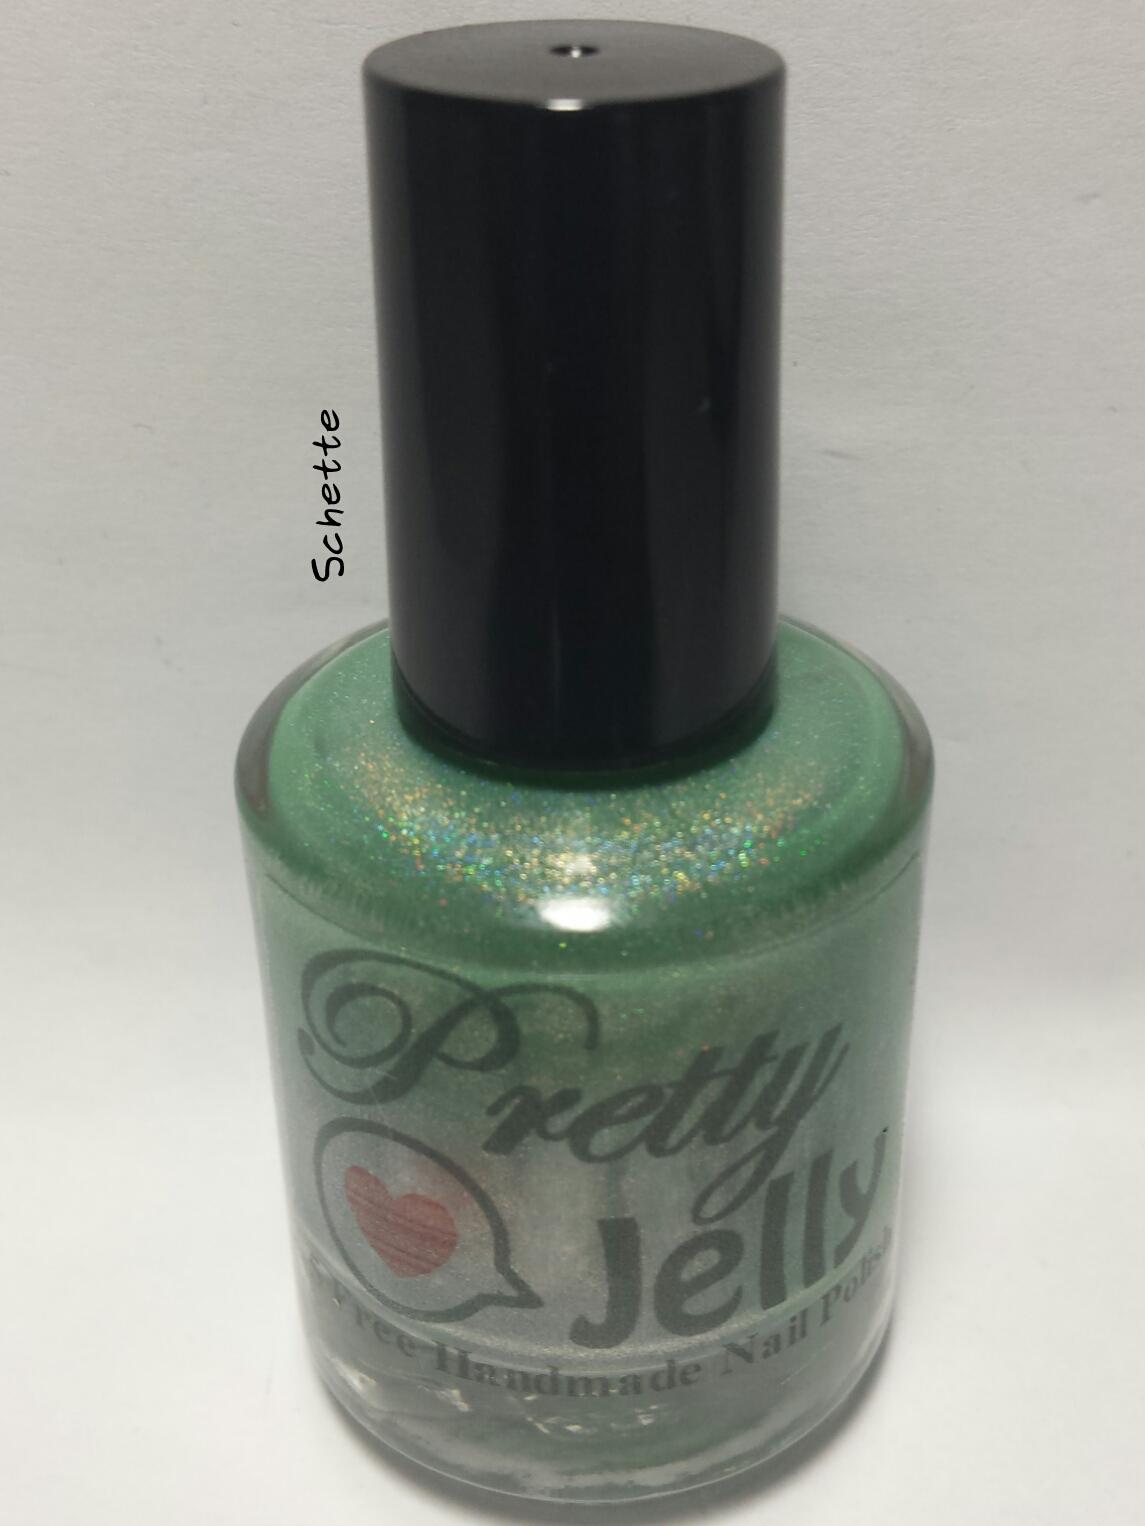 Le vernis Pretty Jelly Vernal